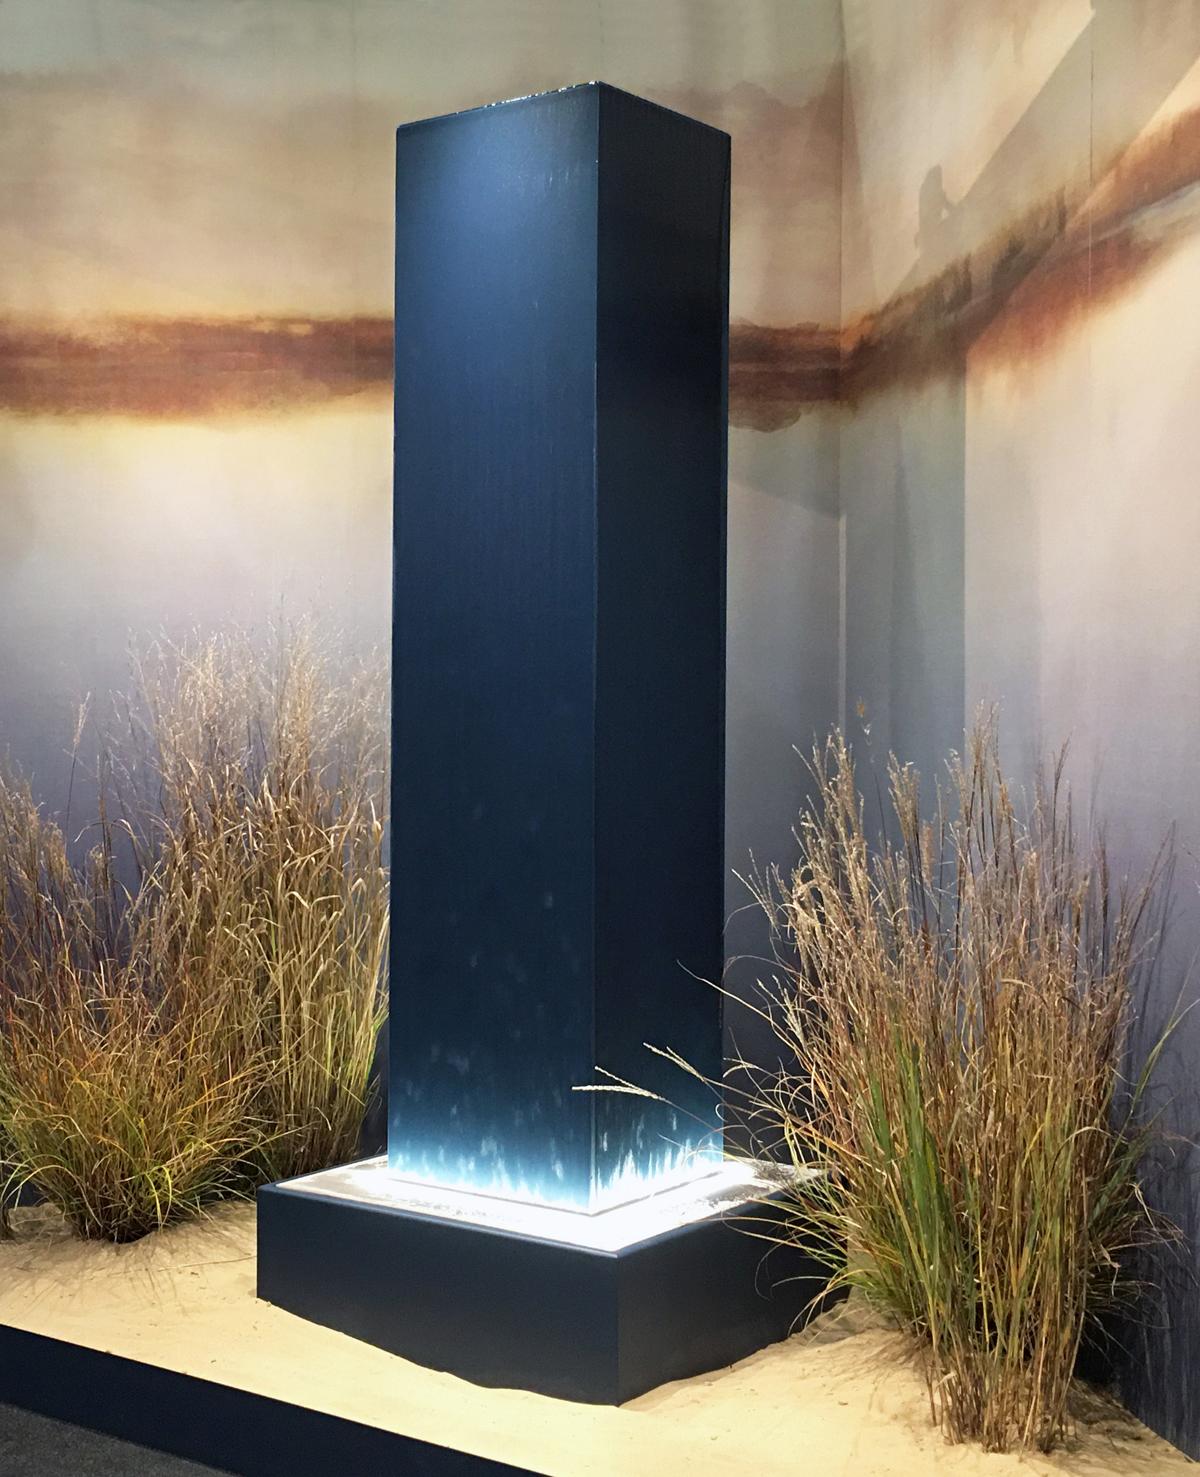 fontana Colonna Linea Solidi d'Acqua FavrinDesign per Forme d'Acqua Venice Fountain